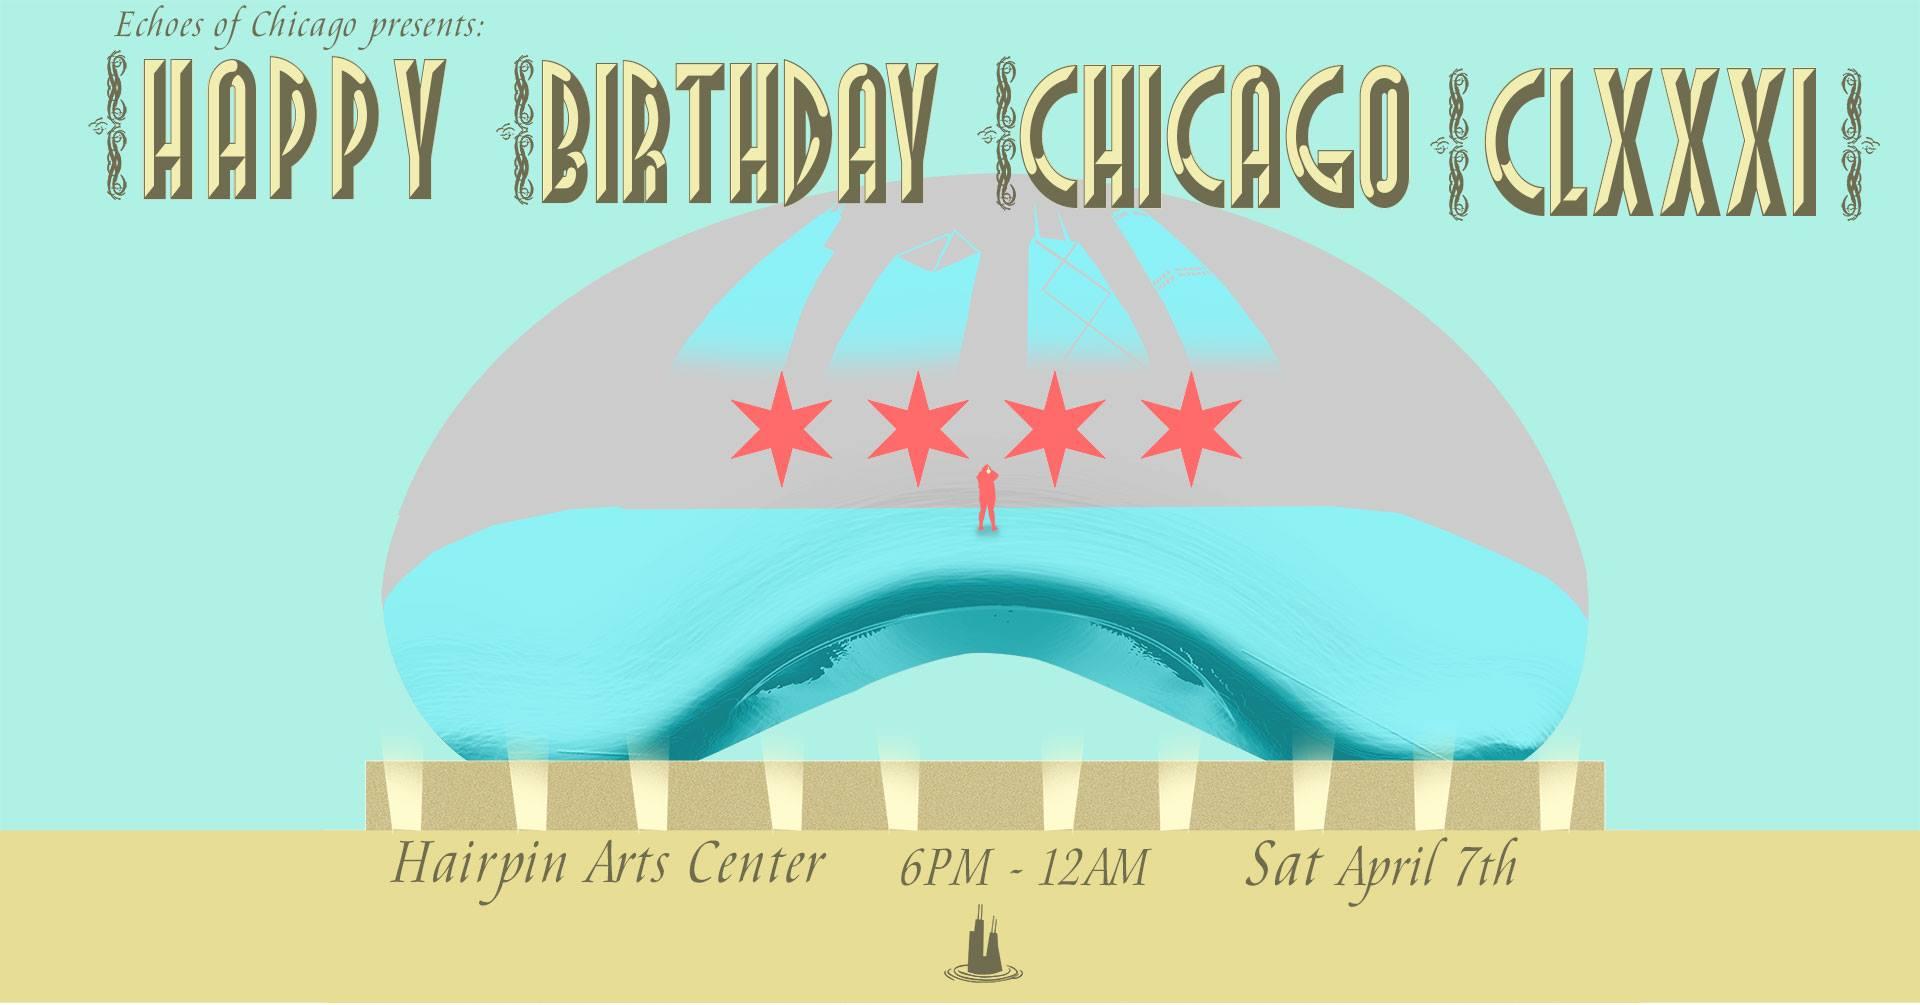 echoesofchicago_weekend_chicago_thehauteseeker